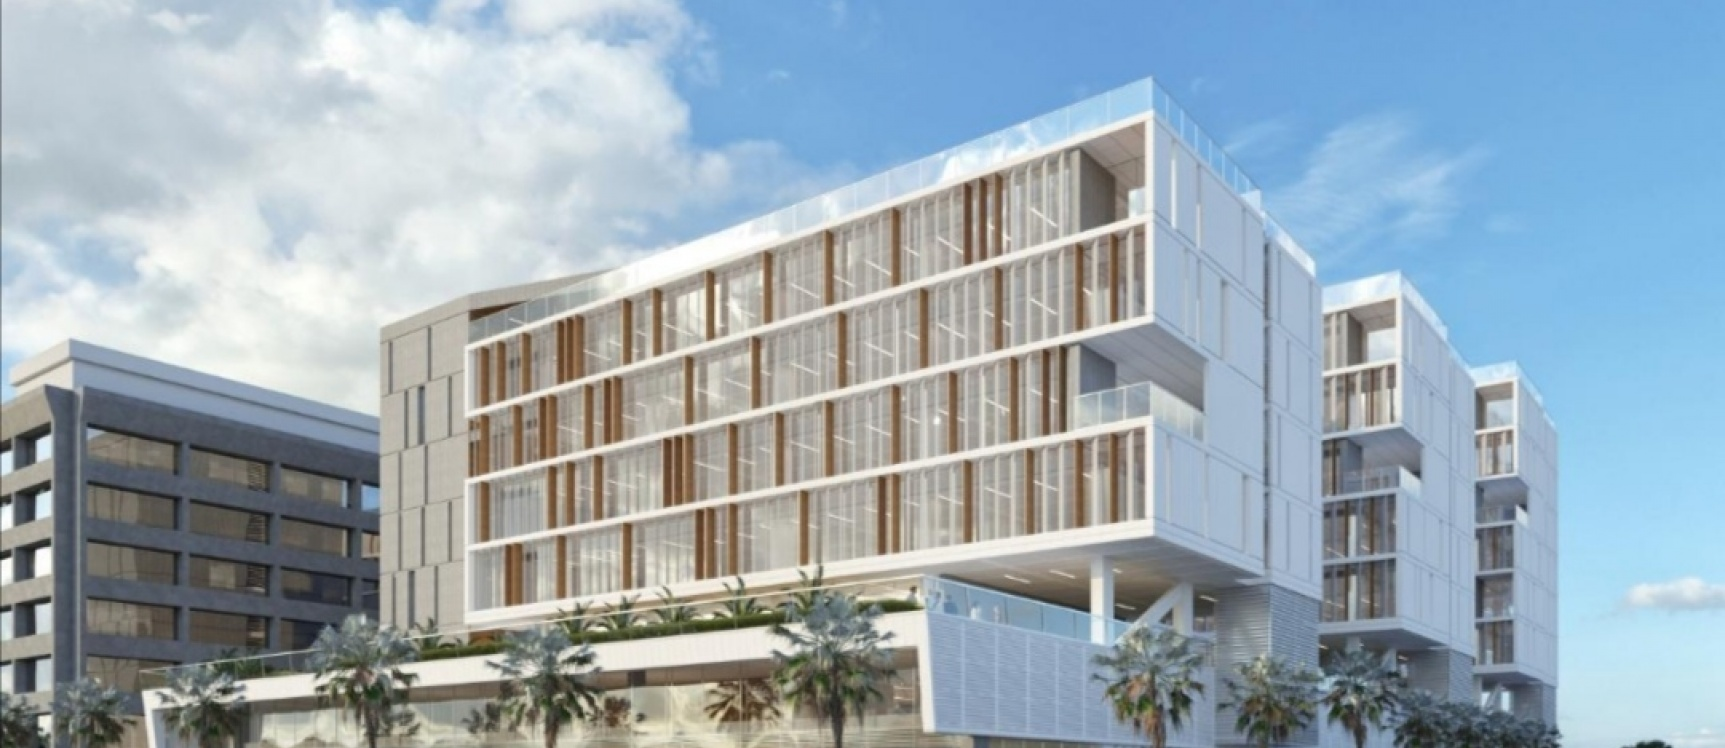 GeoBienes - Local Comercial en alquiler en el Edificio Las Américas. - Plusvalia Guayaquil Casas de venta y alquiler Inmobiliaria Ecuador